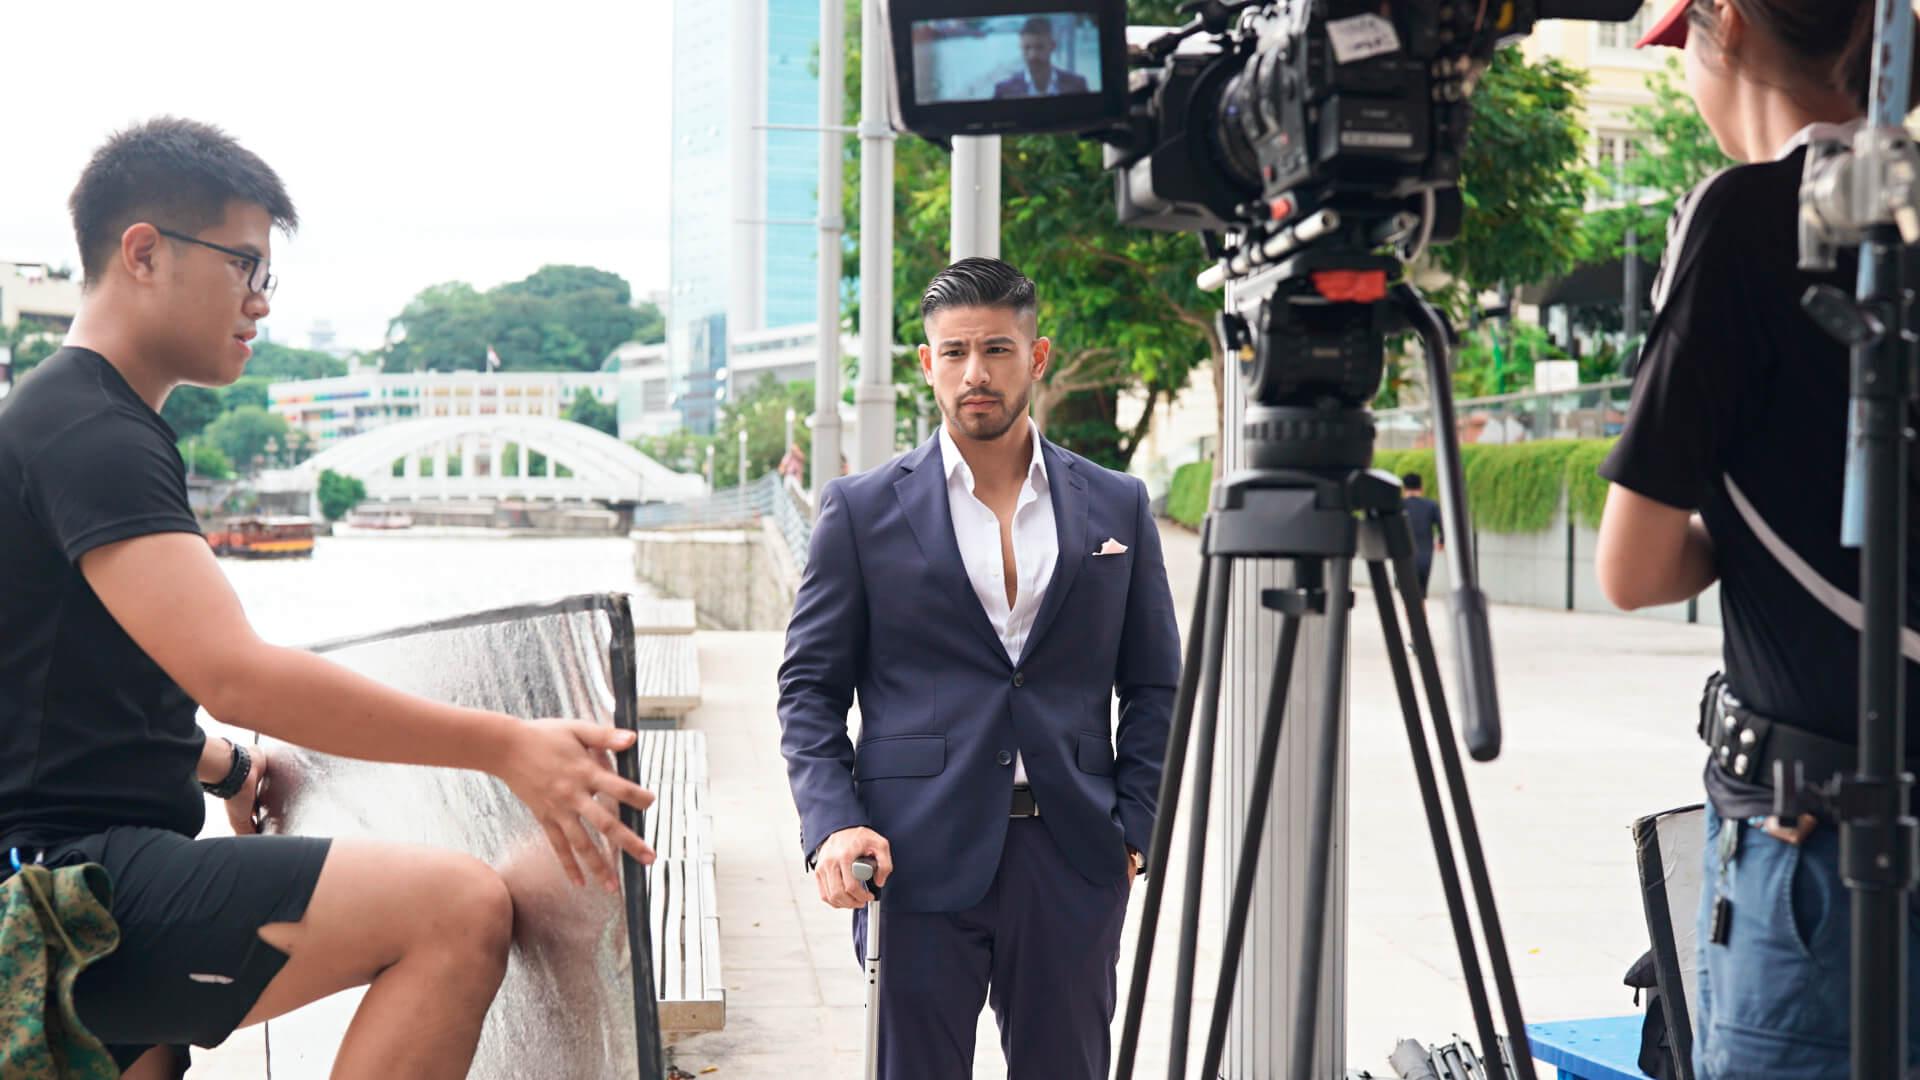 在新加坡短短一年,溫家偉已拍攝五套劇集,包括《Last Madame》、《Le Prawn Park》和《Adulting》等。